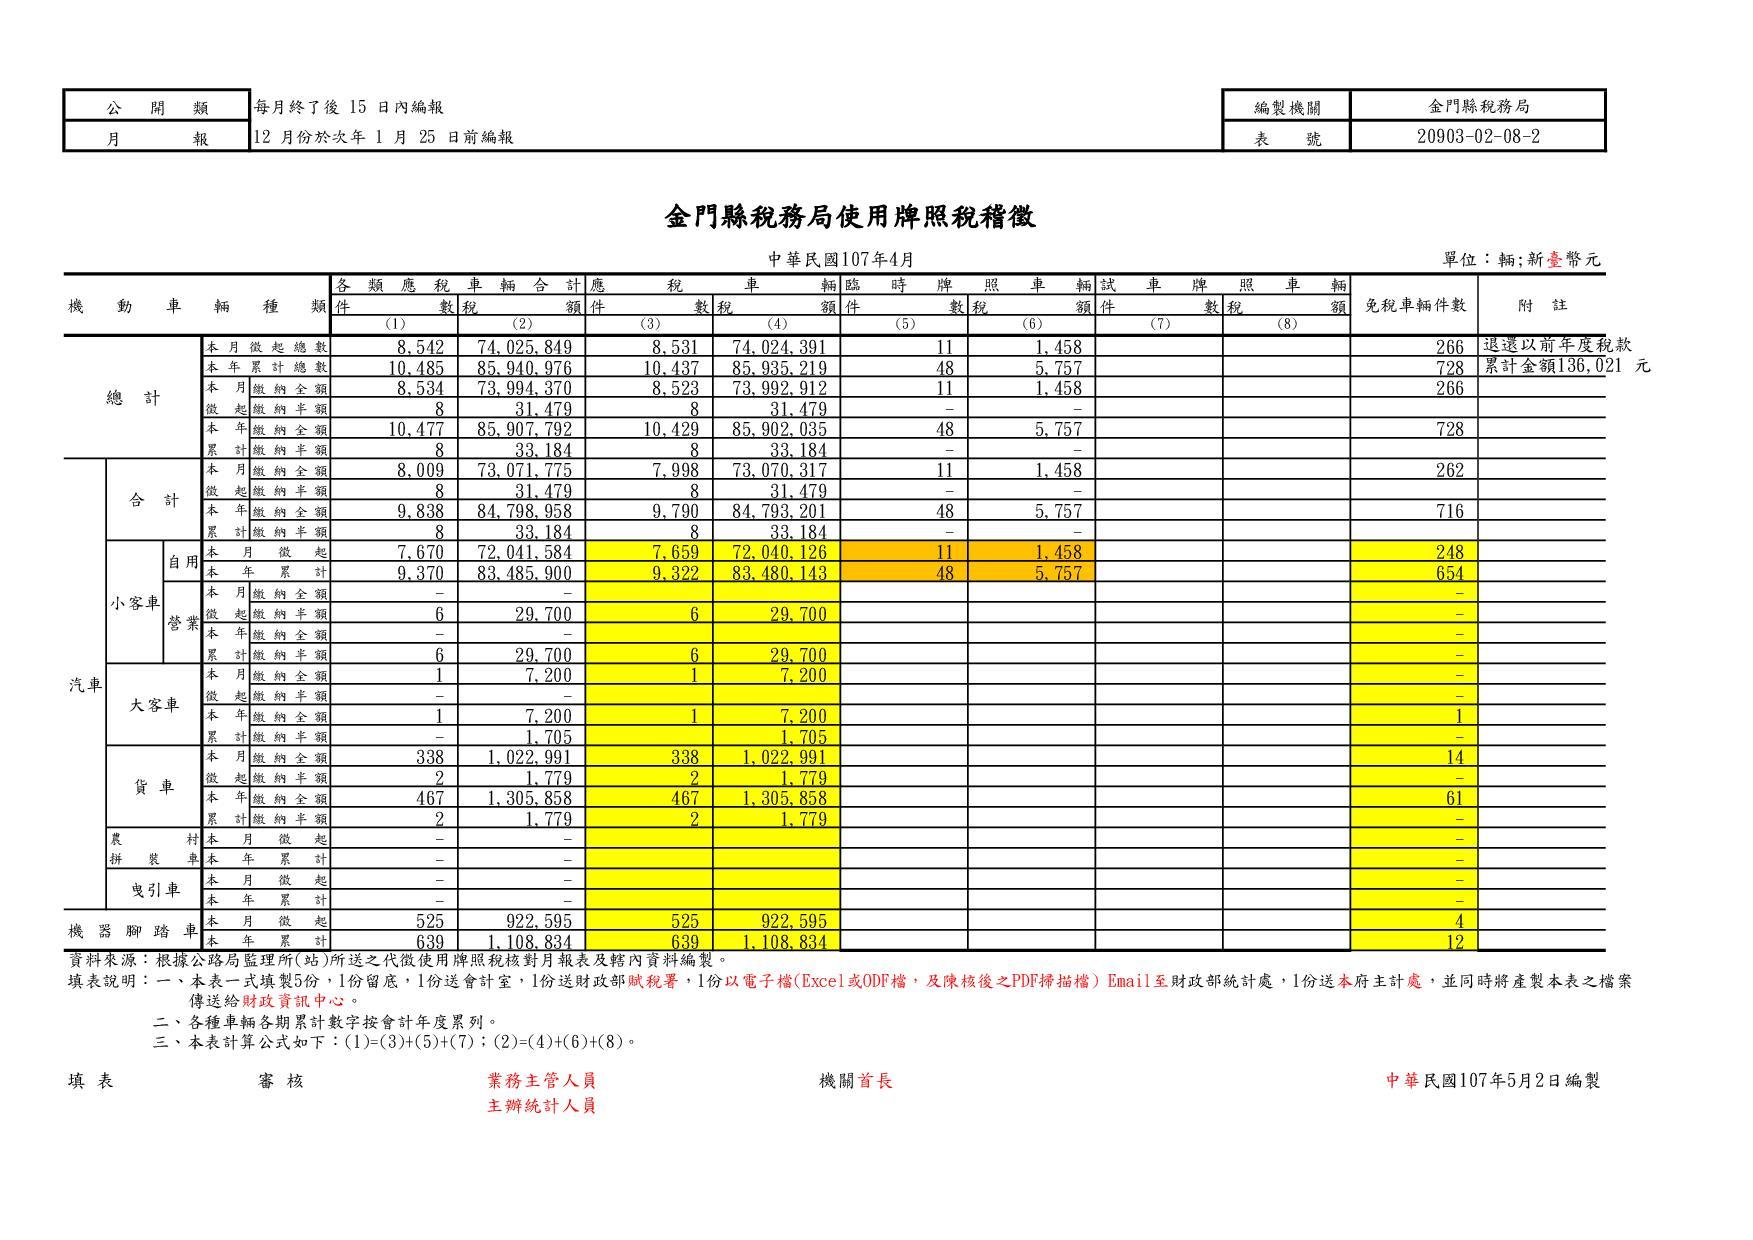 10704  牌照稅稽徵表